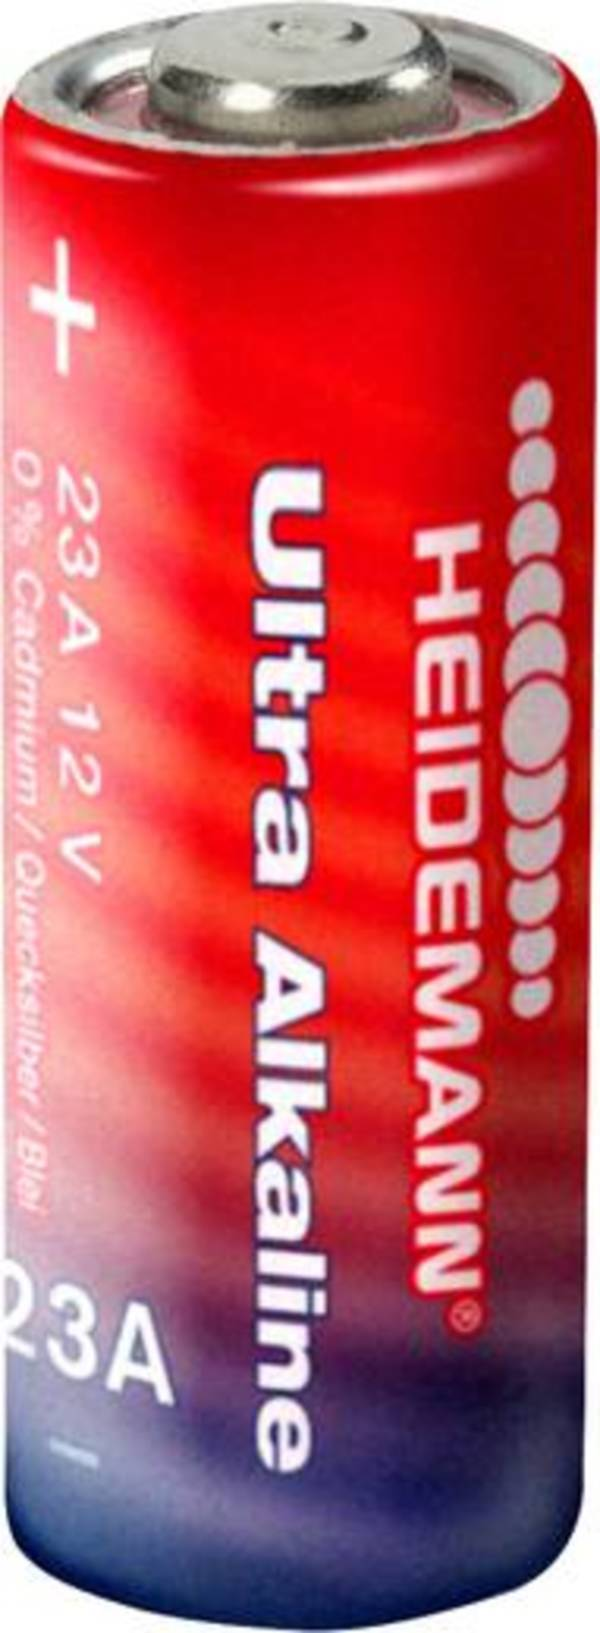 Heidemann Ultra Spezial-Batterie 23 A Alkali-Mangan 12 V 1 St.